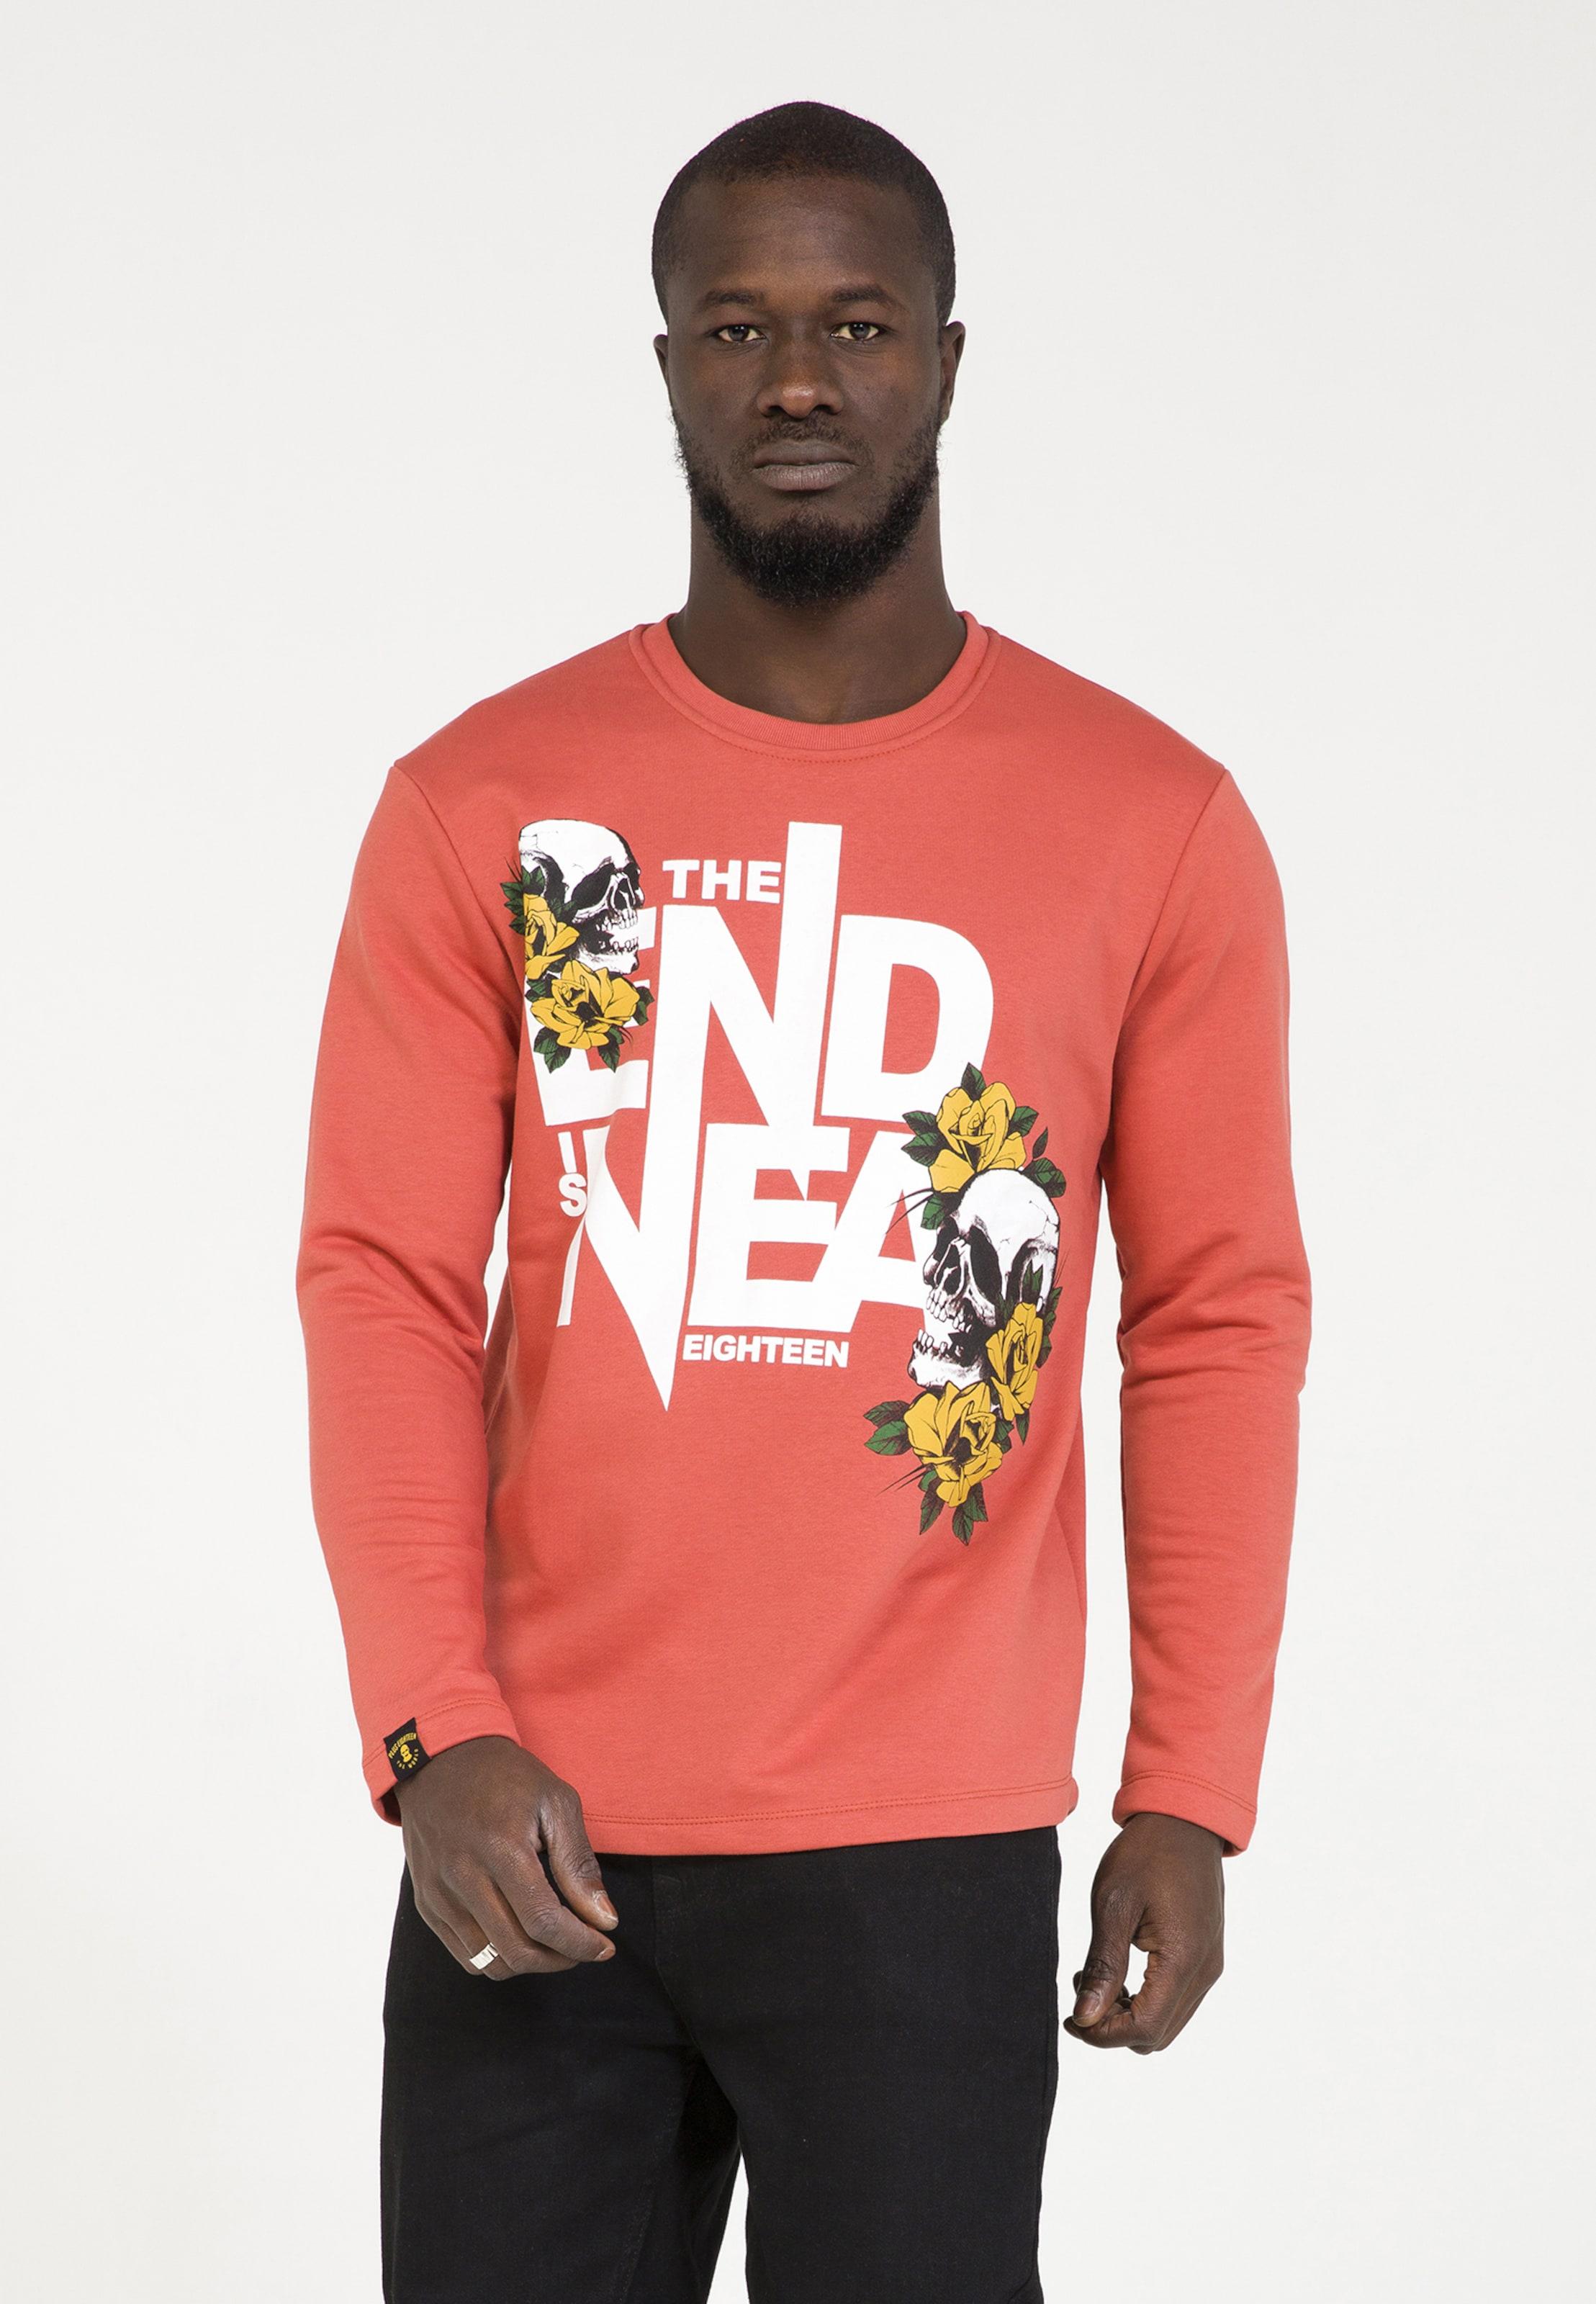 In Eighteen In Lachs Eighteen Sweatshirt Sweatshirt Plus Plus Eighteen Sweatshirt Plus Lachs 7gIvbf6ymY